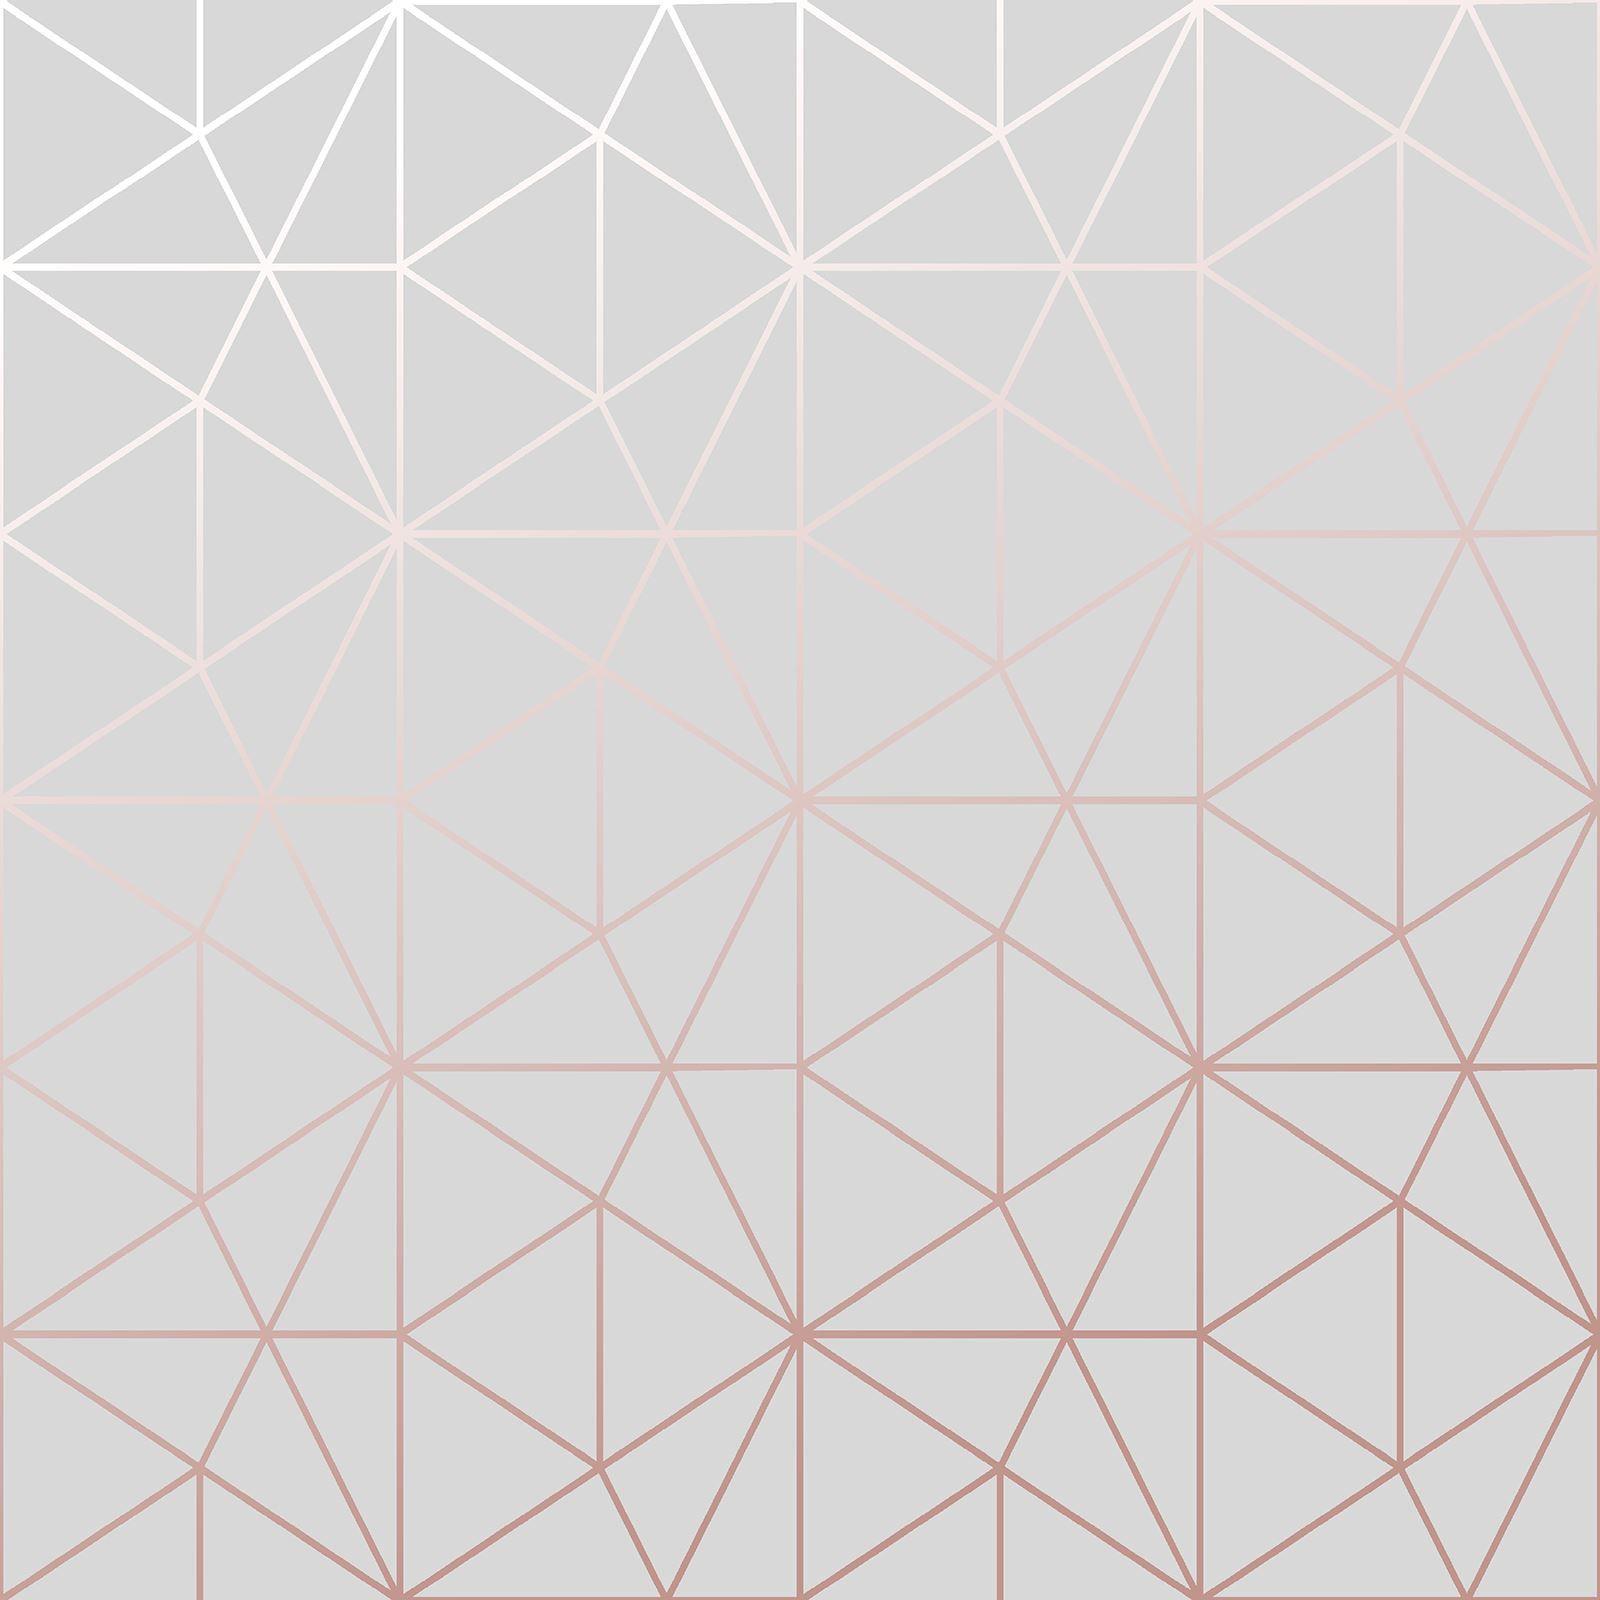 Rose Gold Pink Wallpaper Metallic Smooth Textured Stripe Geometric